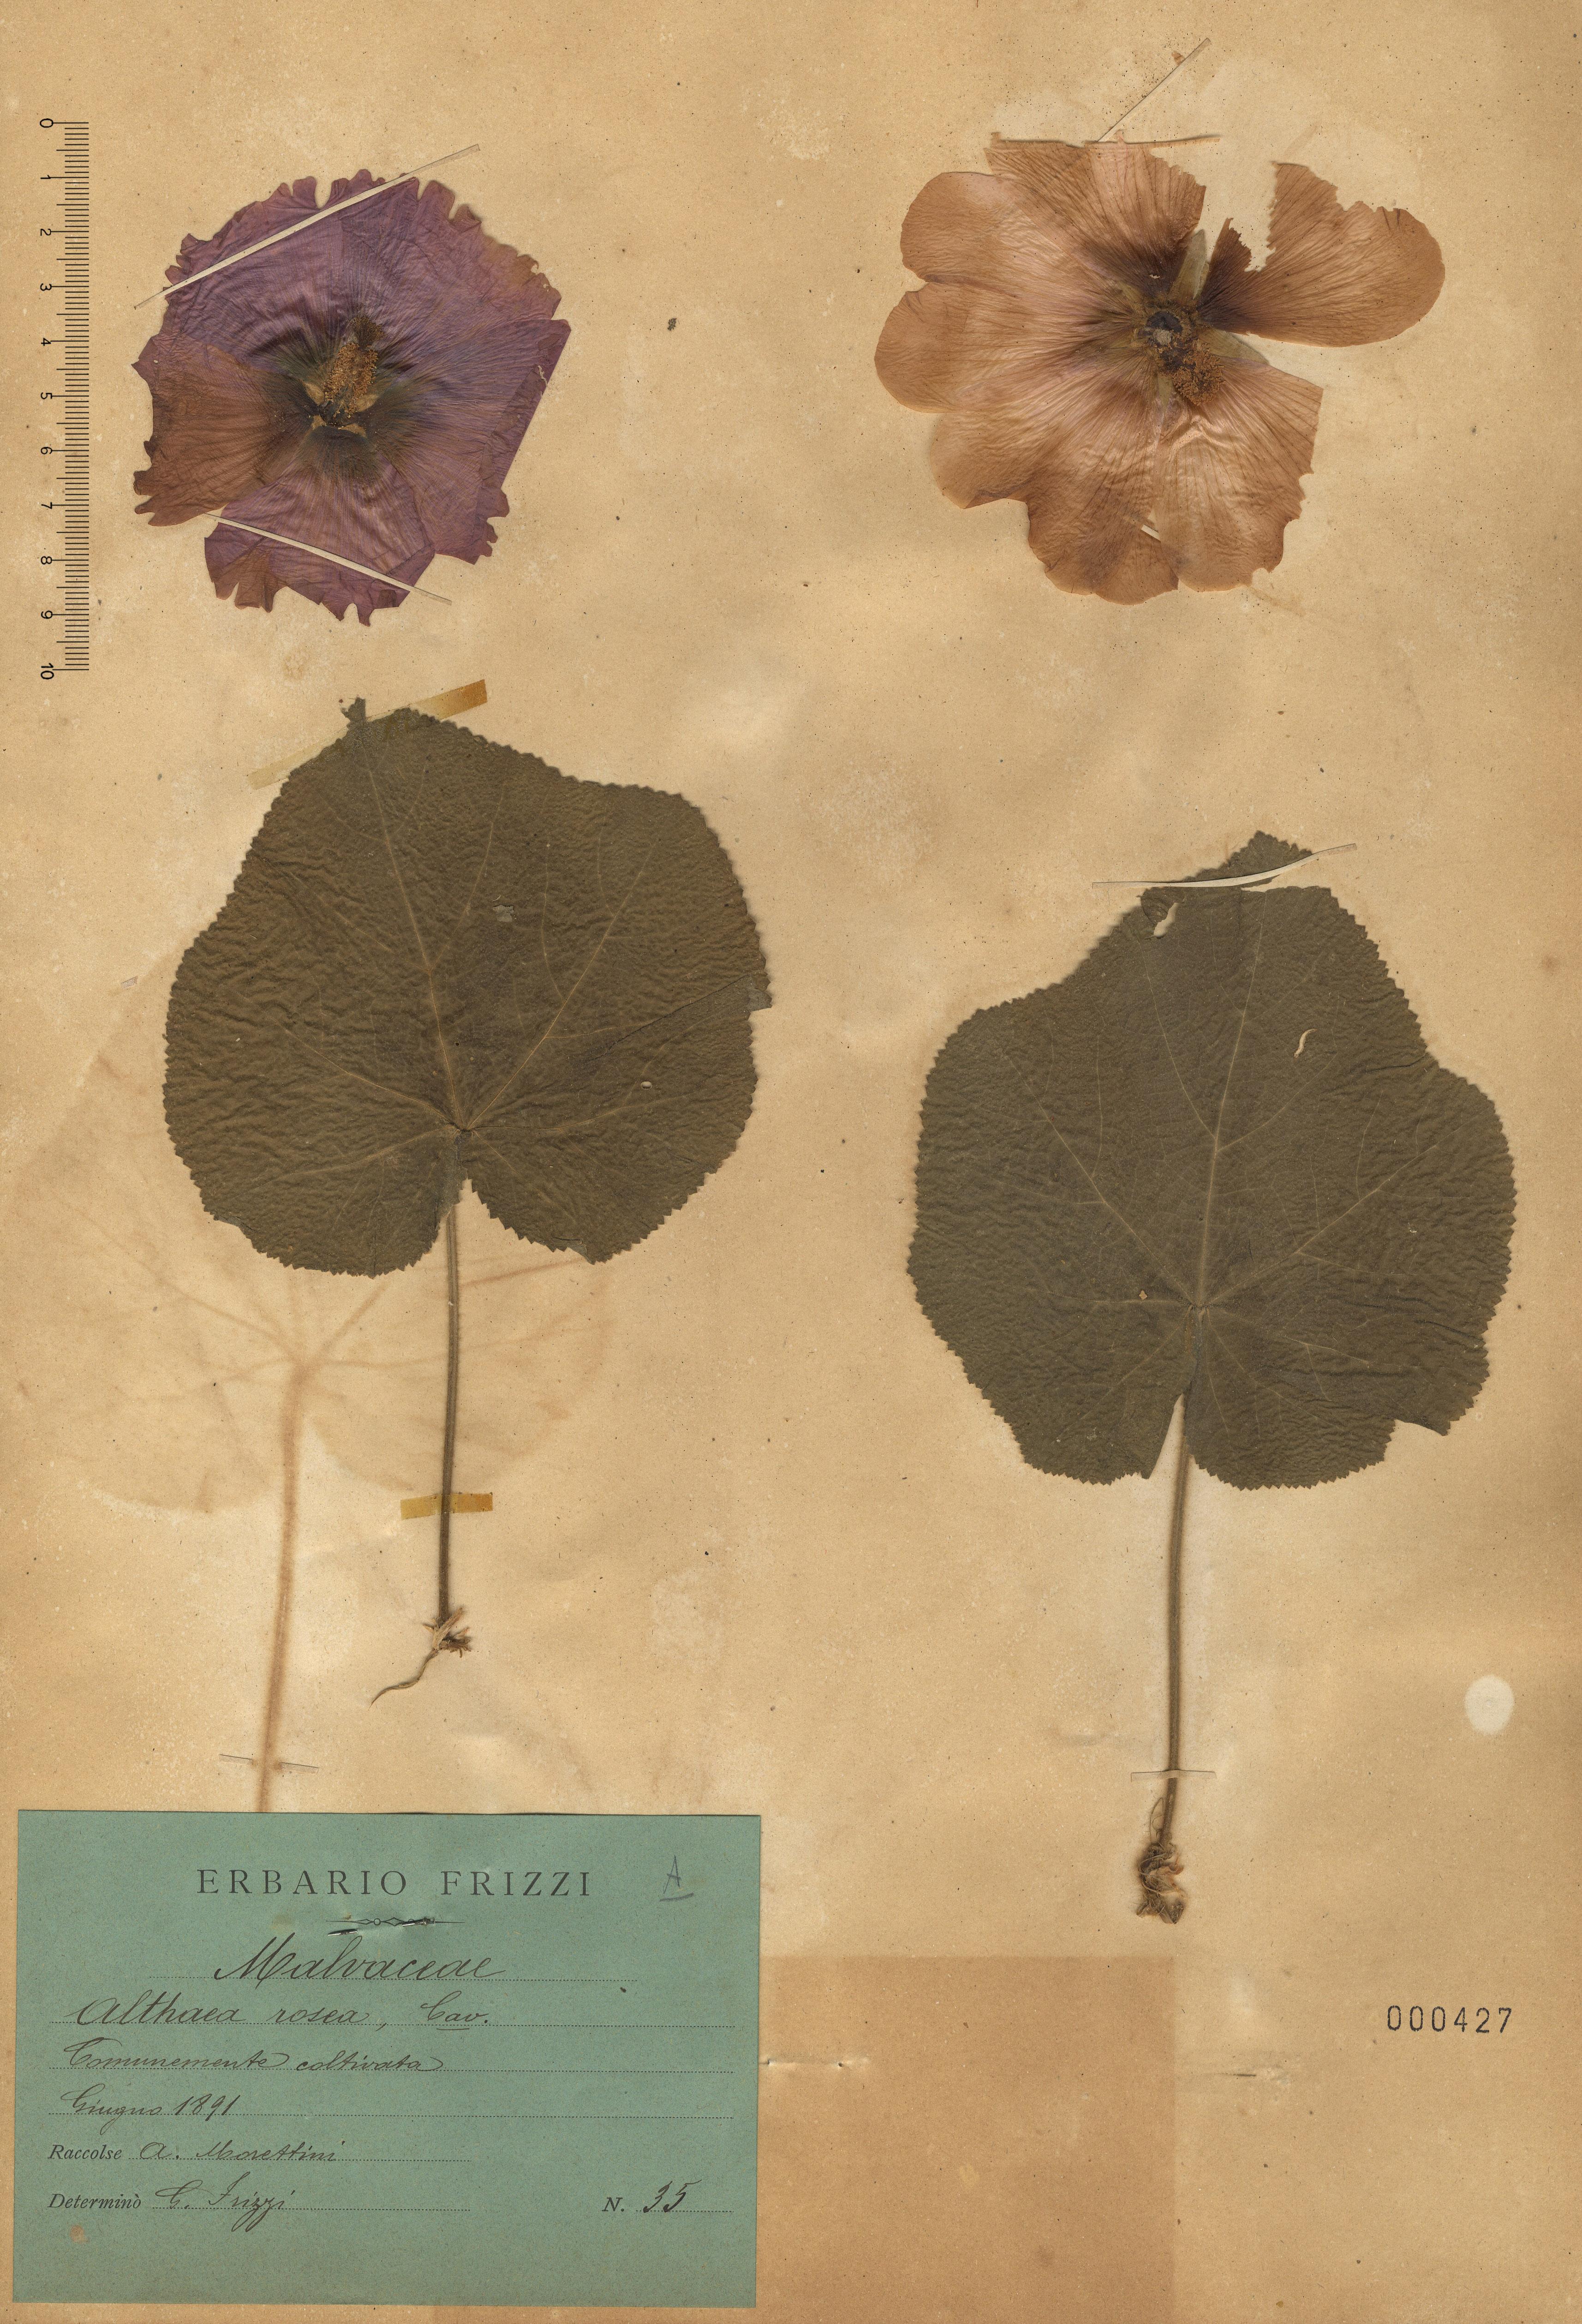 © Hortus Botanicus Catinensis - Herb. sheet 000427<br>